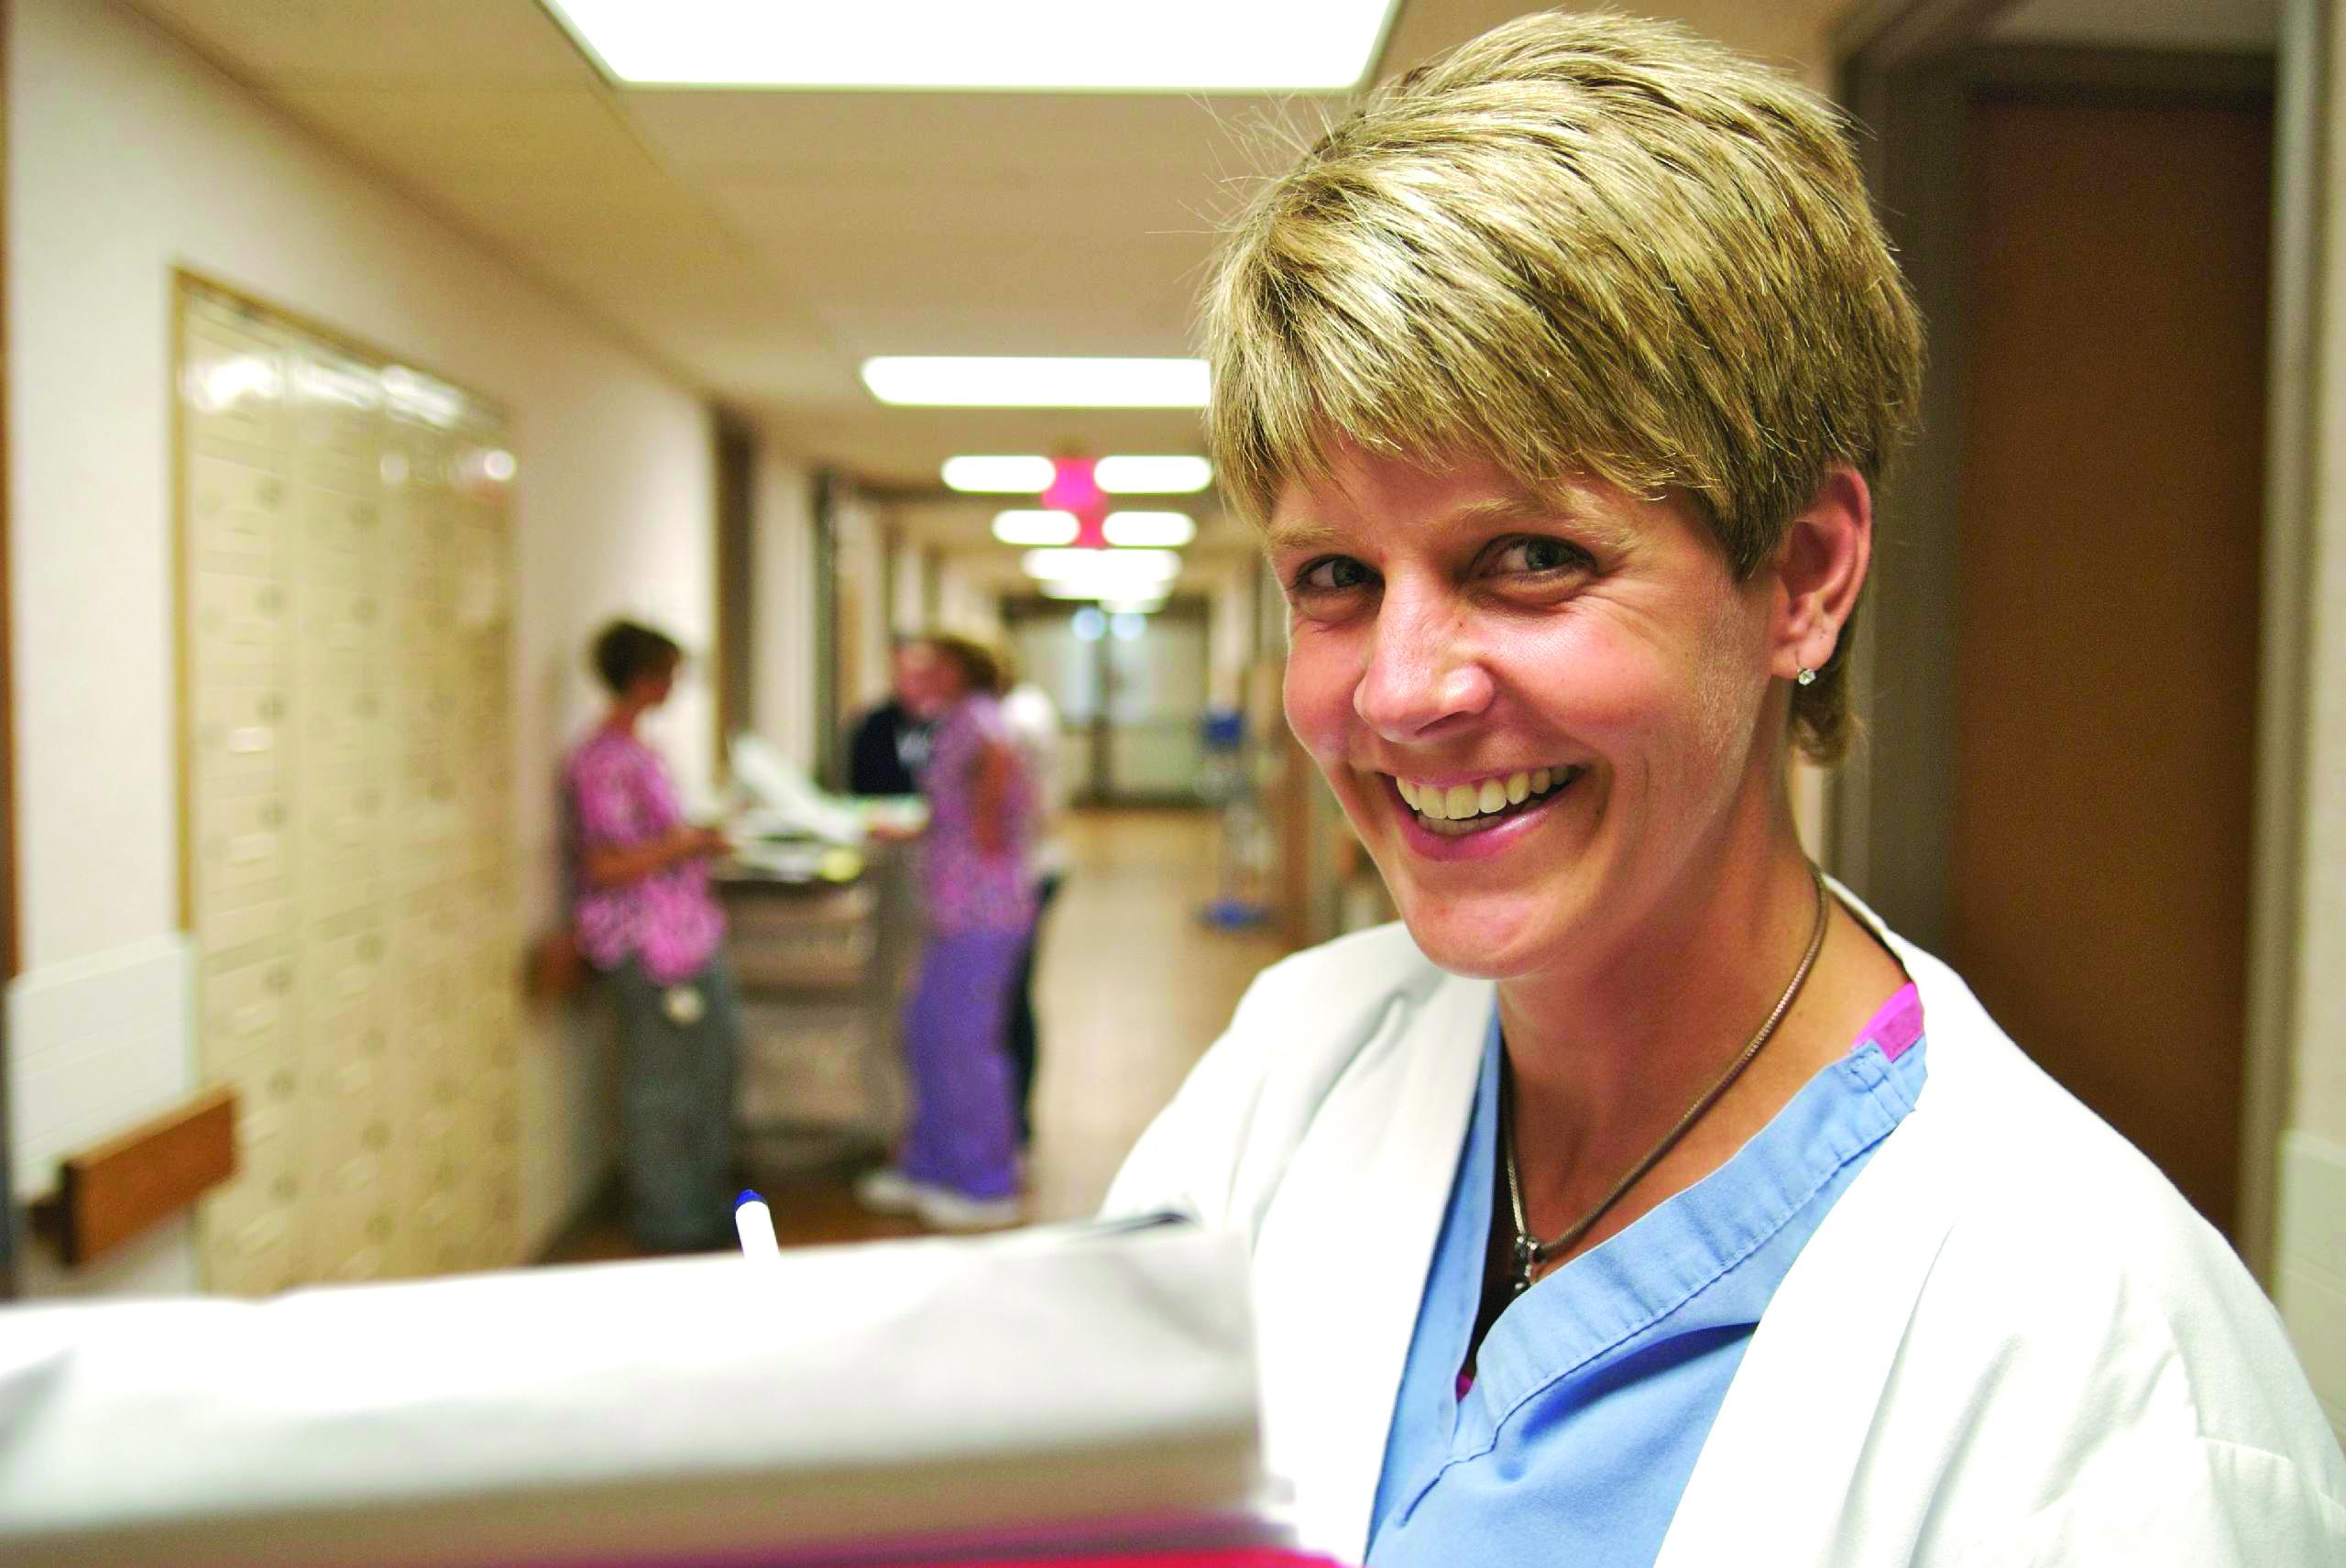 registered-nursing-degree-program-at-hocking.jpg